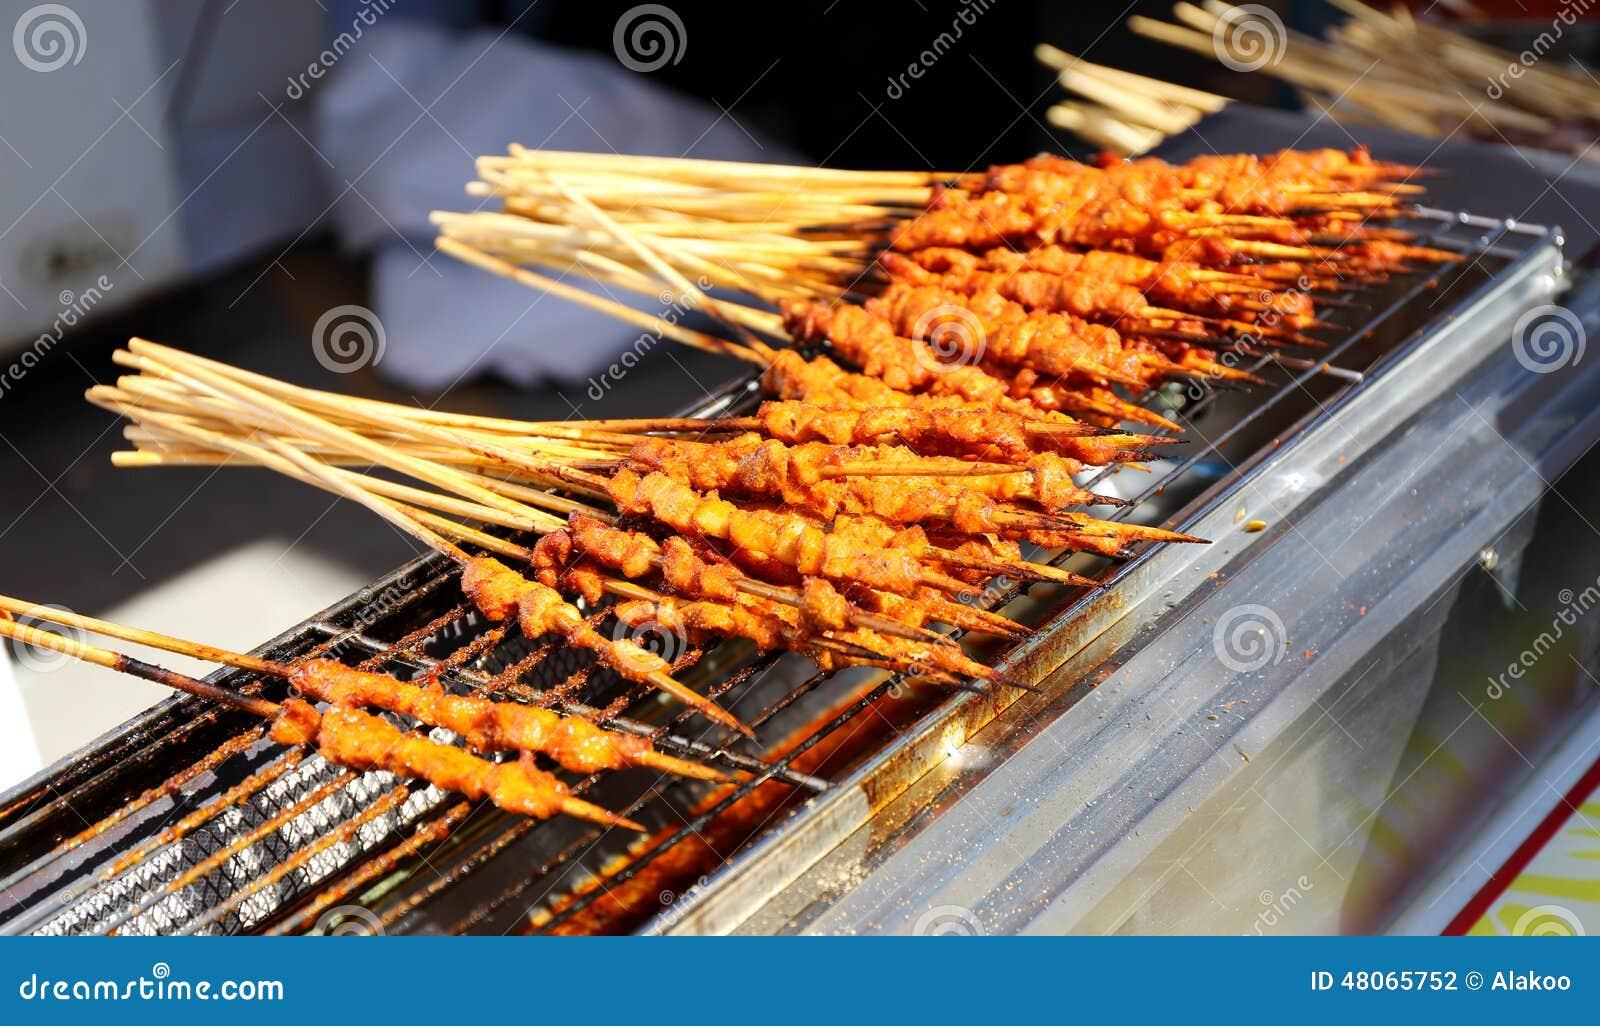 Geroosterd schaap shashlik, exotische Aziatische Chinese keuken, typisch heerlijk Aziatisch Chinees voedsel